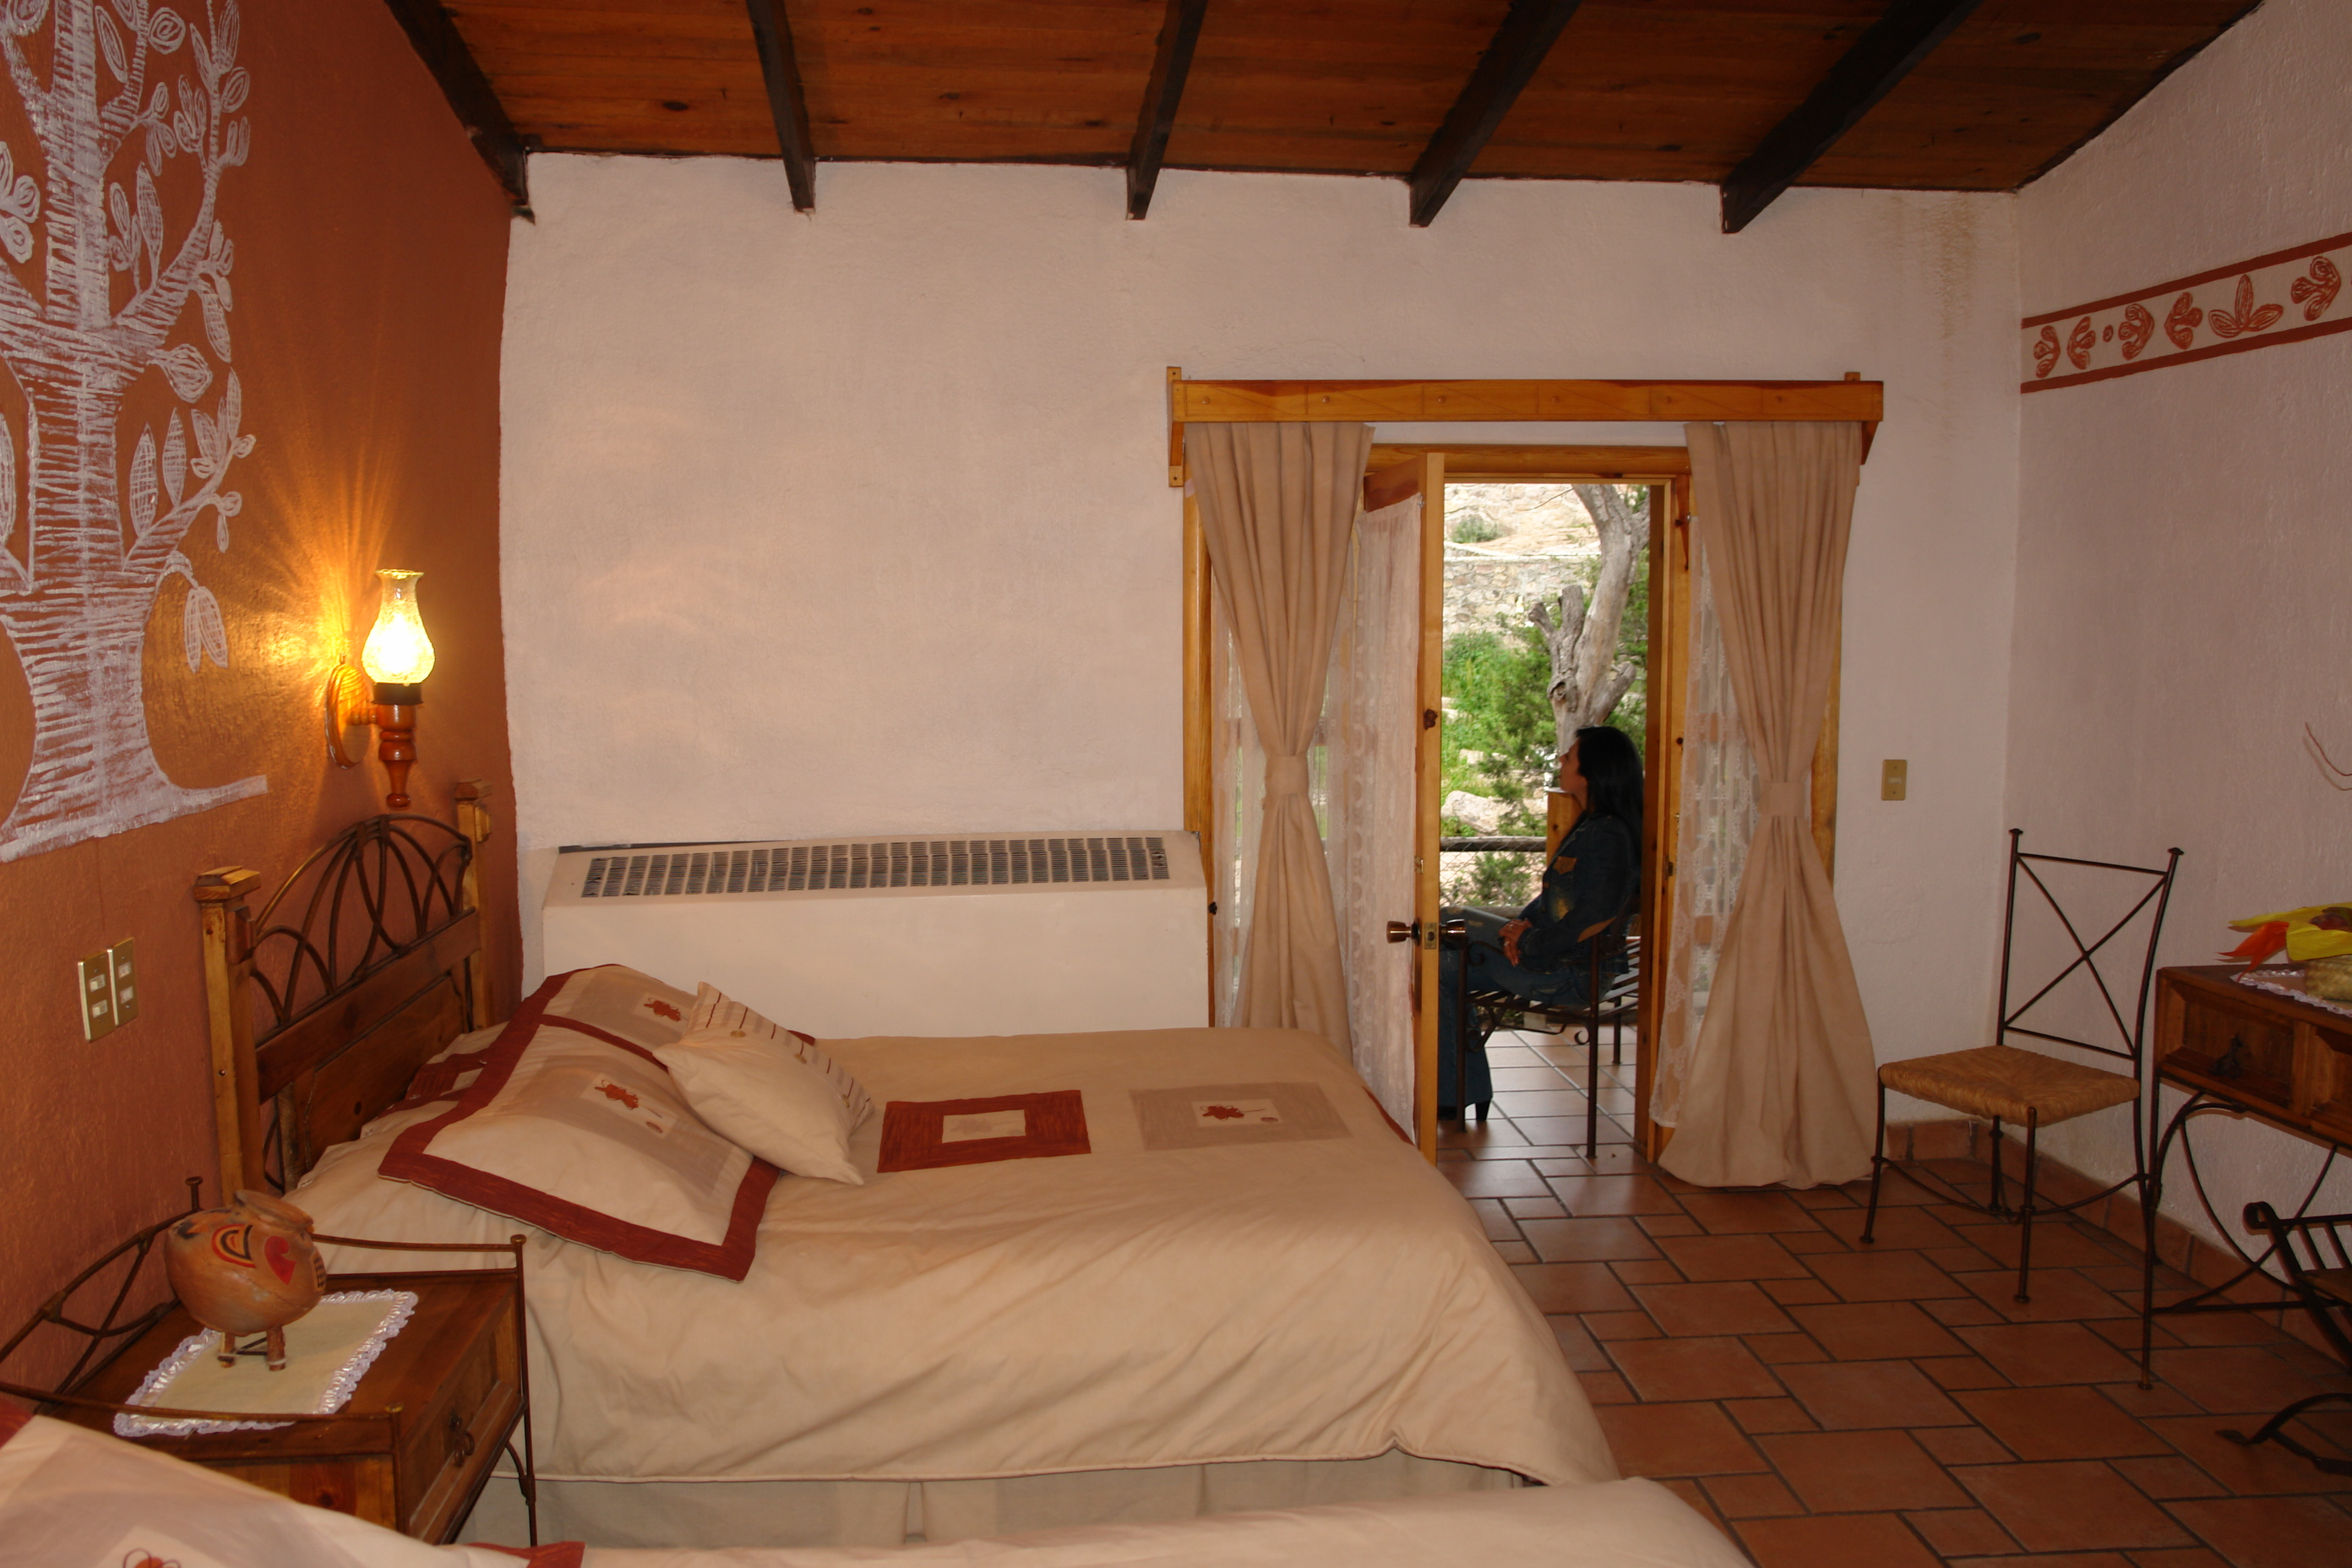 Hotel Divisadero Barrancas, Urique